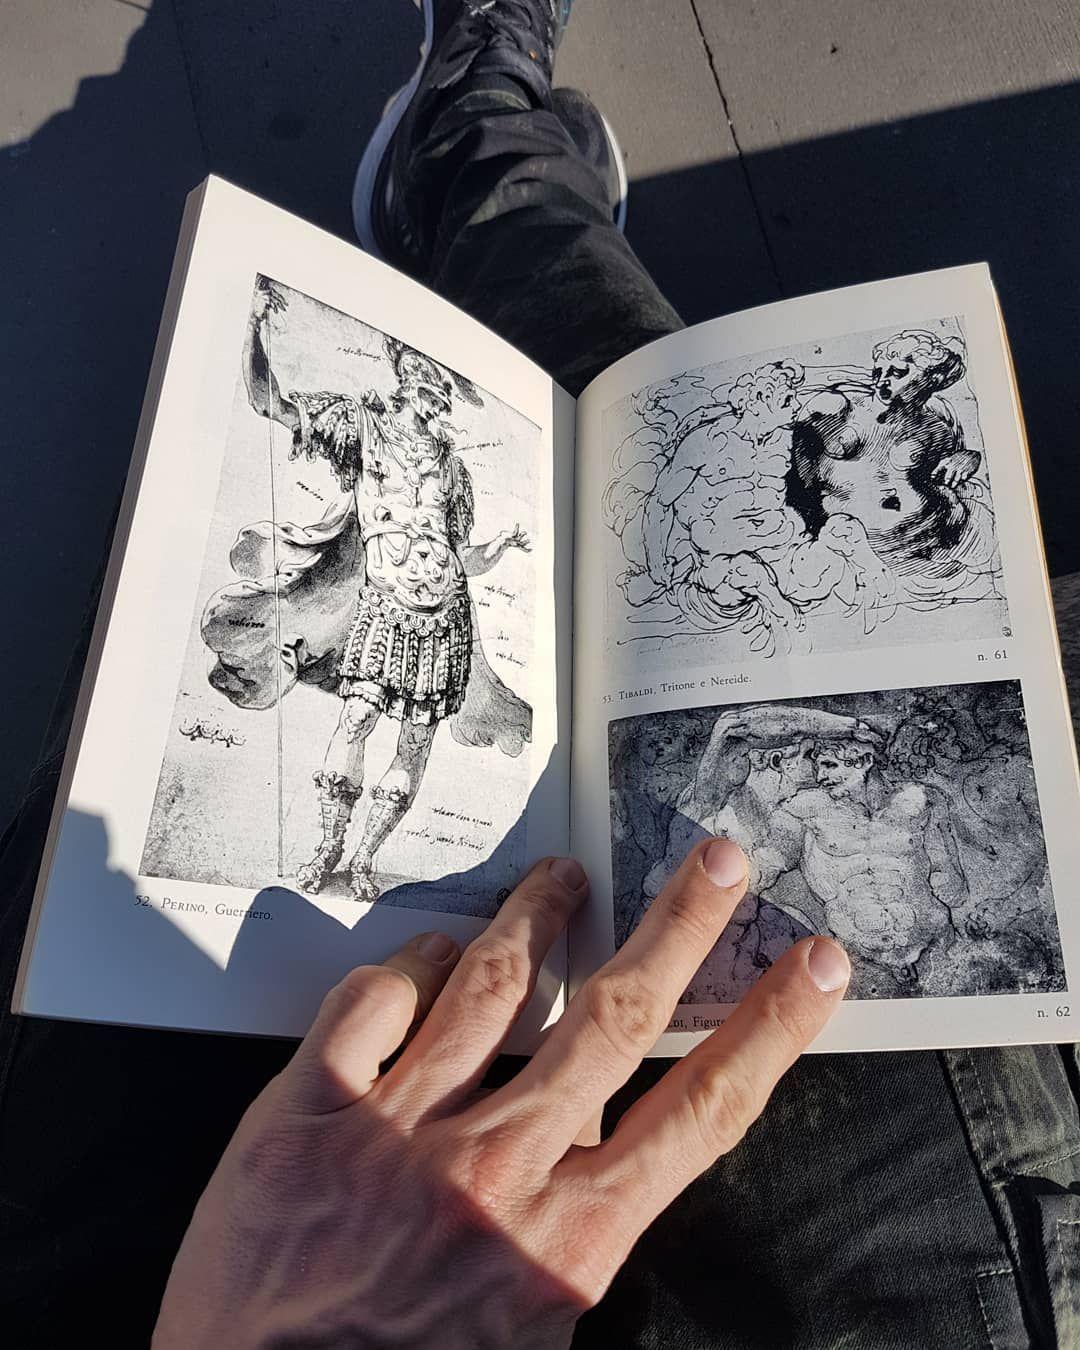 Mostra Di Disegni Di Perino Del Vaga E La Sua Cerchia Bernice F Davidson Cur Firenze 1966 Book Books Booklover Library Art Design Bookporn Hist I 2020